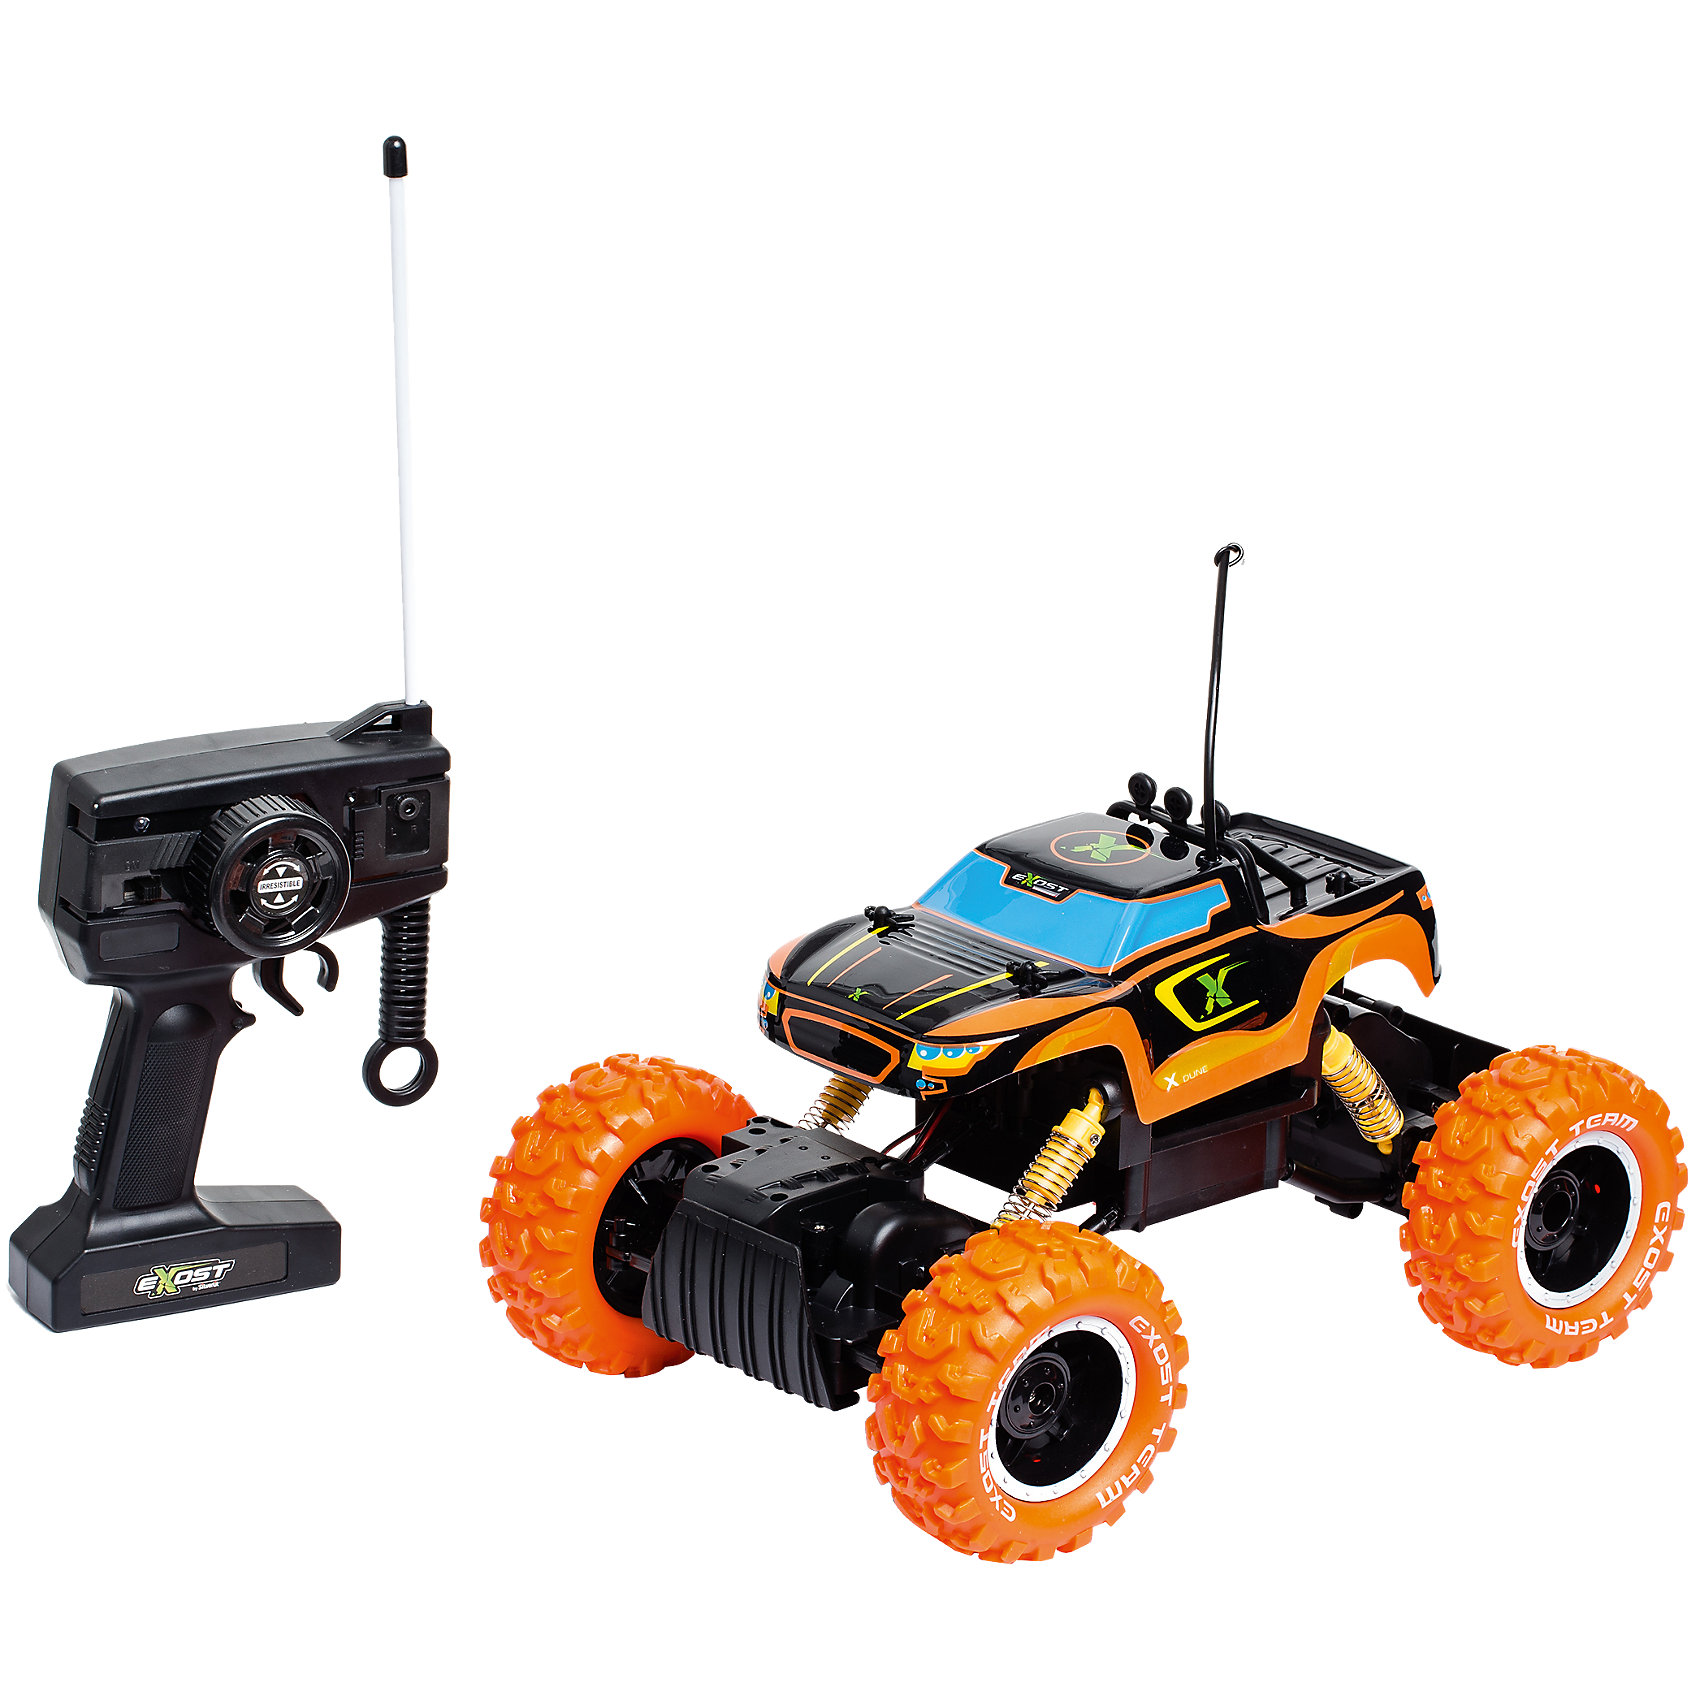 Машина на р/у Икс Дюн, SilverlitРадиоуправляемый транспорт<br>Машина на р/у Икс Дюн, Silverlit.<br><br>Характеристики:<br><br>- Комплектация: машина, пульт управления<br>- Масштаб: 1:12<br>- Батарейки: AA / LR6 1.5V (не входят в комплект)<br>- Время игры: 25 мин.<br>- Время зарядки: 2 ч.<br>- Максимальная скорость: 10 км/ч.<br>- Дальность действия: 20 м.<br>- Материал: пластик<br>- Упаковка: картонная коробка блистерного типа<br>- Размер упаковки: 41 х 24 х 22 см.<br><br>Радиоуправляемая машина Икс Дюн от компании Silverlit имеет съемный корпус черно-оранжевого цвета. Корпус изготовлен из высокопрочного пластика и выдержит все удары и столкновения, пока ваш ребенок будет учиться обращаться с радиоуправляемой машиной. Внедорожные шины с чётким протектором не позволяют колёсам проскальзывать на гладких поверхностях (стол, линолеум, ламинат, плитка). Полный привод, усиленная подвеска и две независимые оси делают машинку на радиоуправлении супер проходимой. Высокоскоростной мотор позволяет разогнать игрушечную машинку до 10 км/ч. Продукция сертифицирована, экологически безопасна для ребенка, использованные красители не токсичны и гипоаллергенны.<br><br>Машину на р/у Икс Дюн, Silverlit можно купить в нашем интернет-магазине.<br><br>Ширина мм: 414<br>Глубина мм: 256<br>Высота мм: 241<br>Вес г: 1691<br>Возраст от месяцев: 60<br>Возраст до месяцев: 108<br>Пол: Мужской<br>Возраст: Детский<br>SKU: 4727718